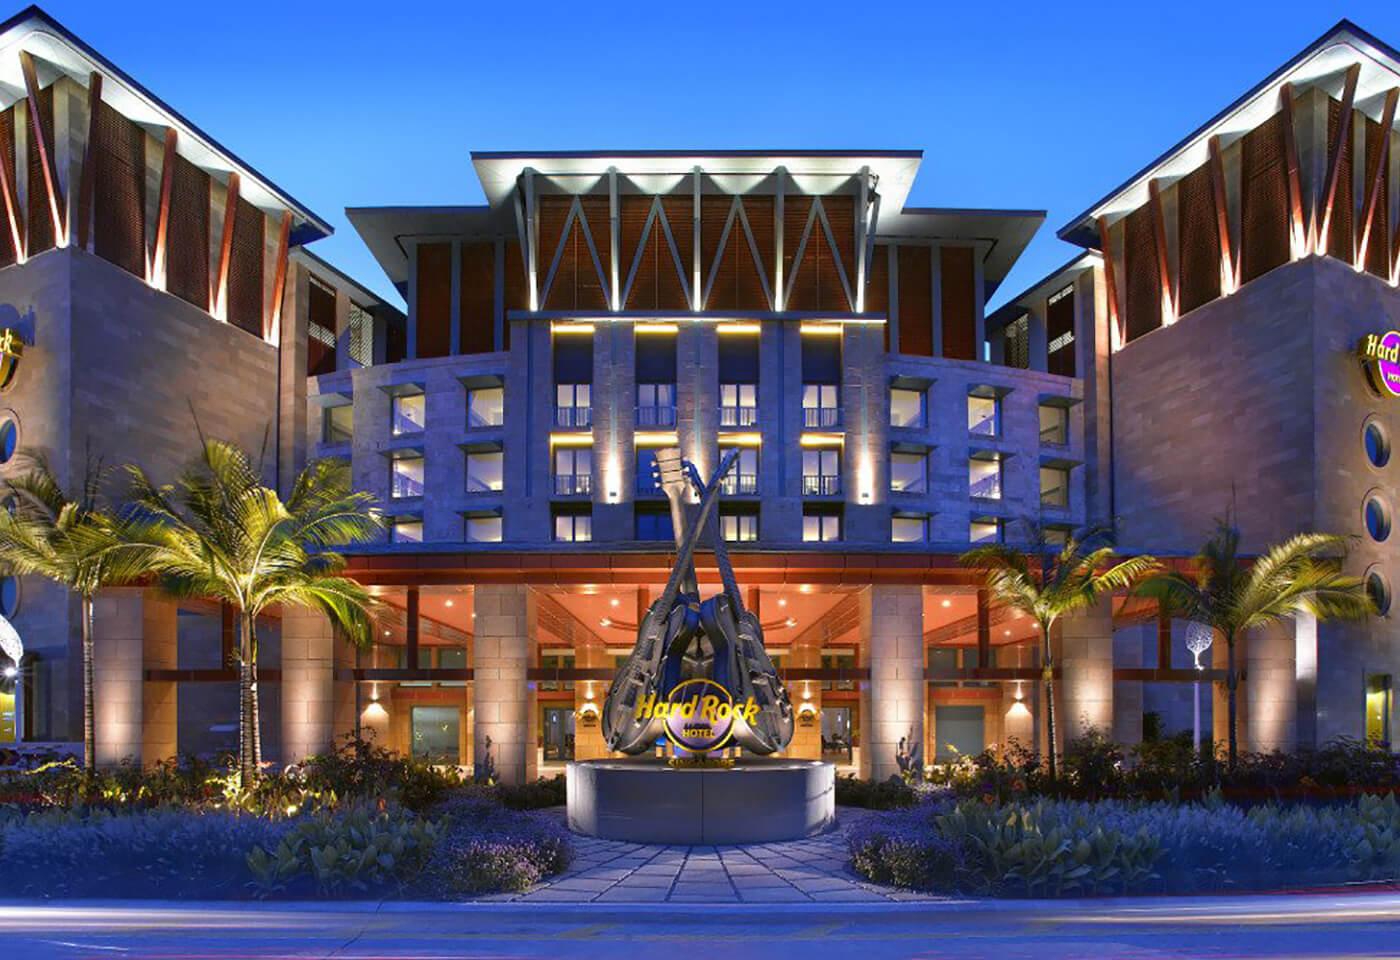 ハードロック・ホテル・シンガポール